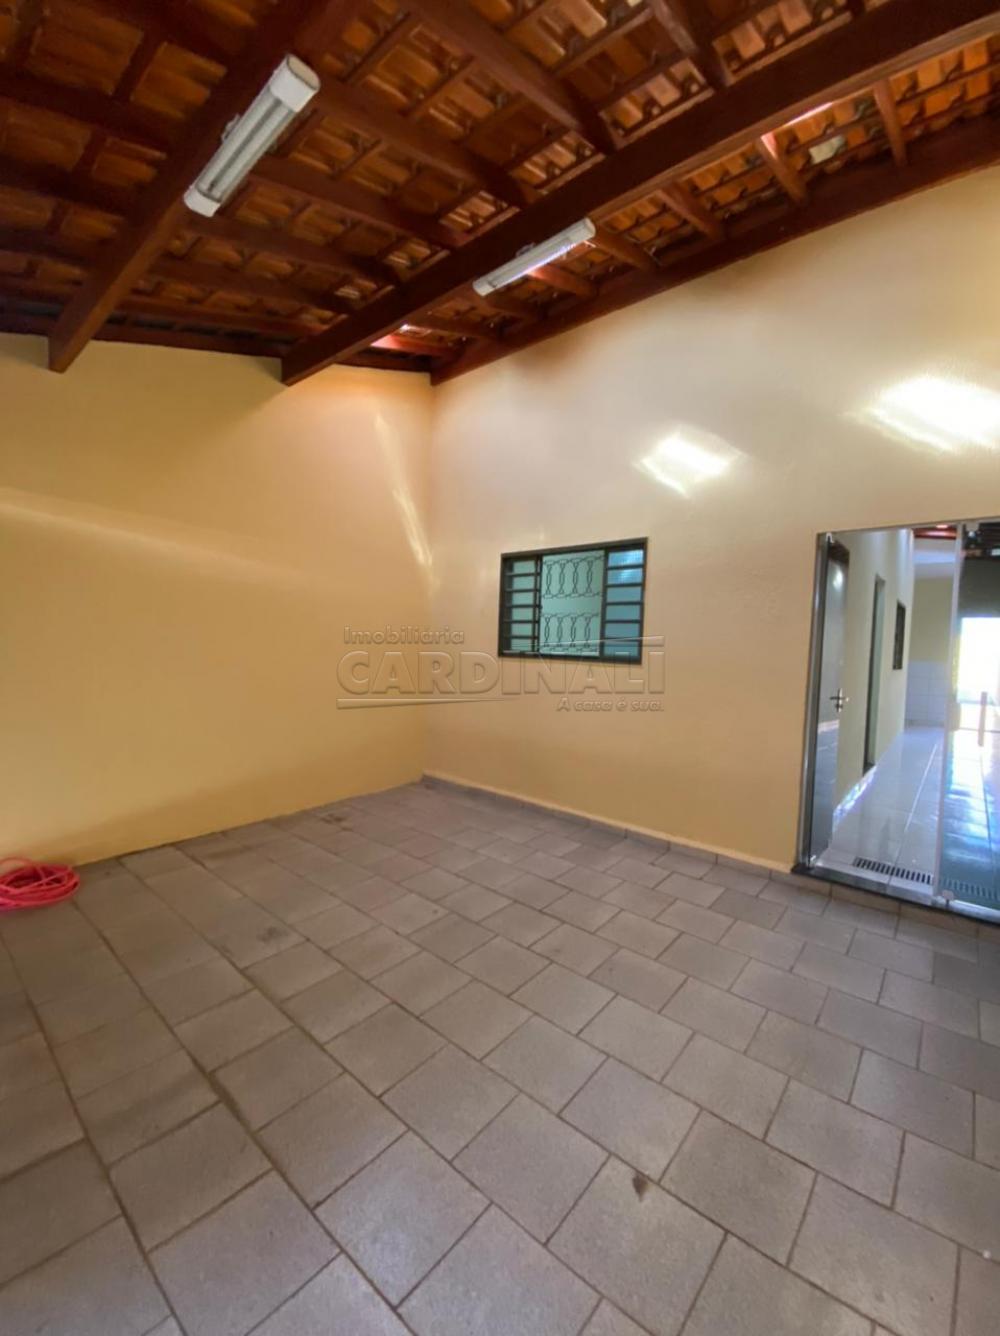 Alugar Casa / Padrão em São Carlos R$ 1.112,00 - Foto 2